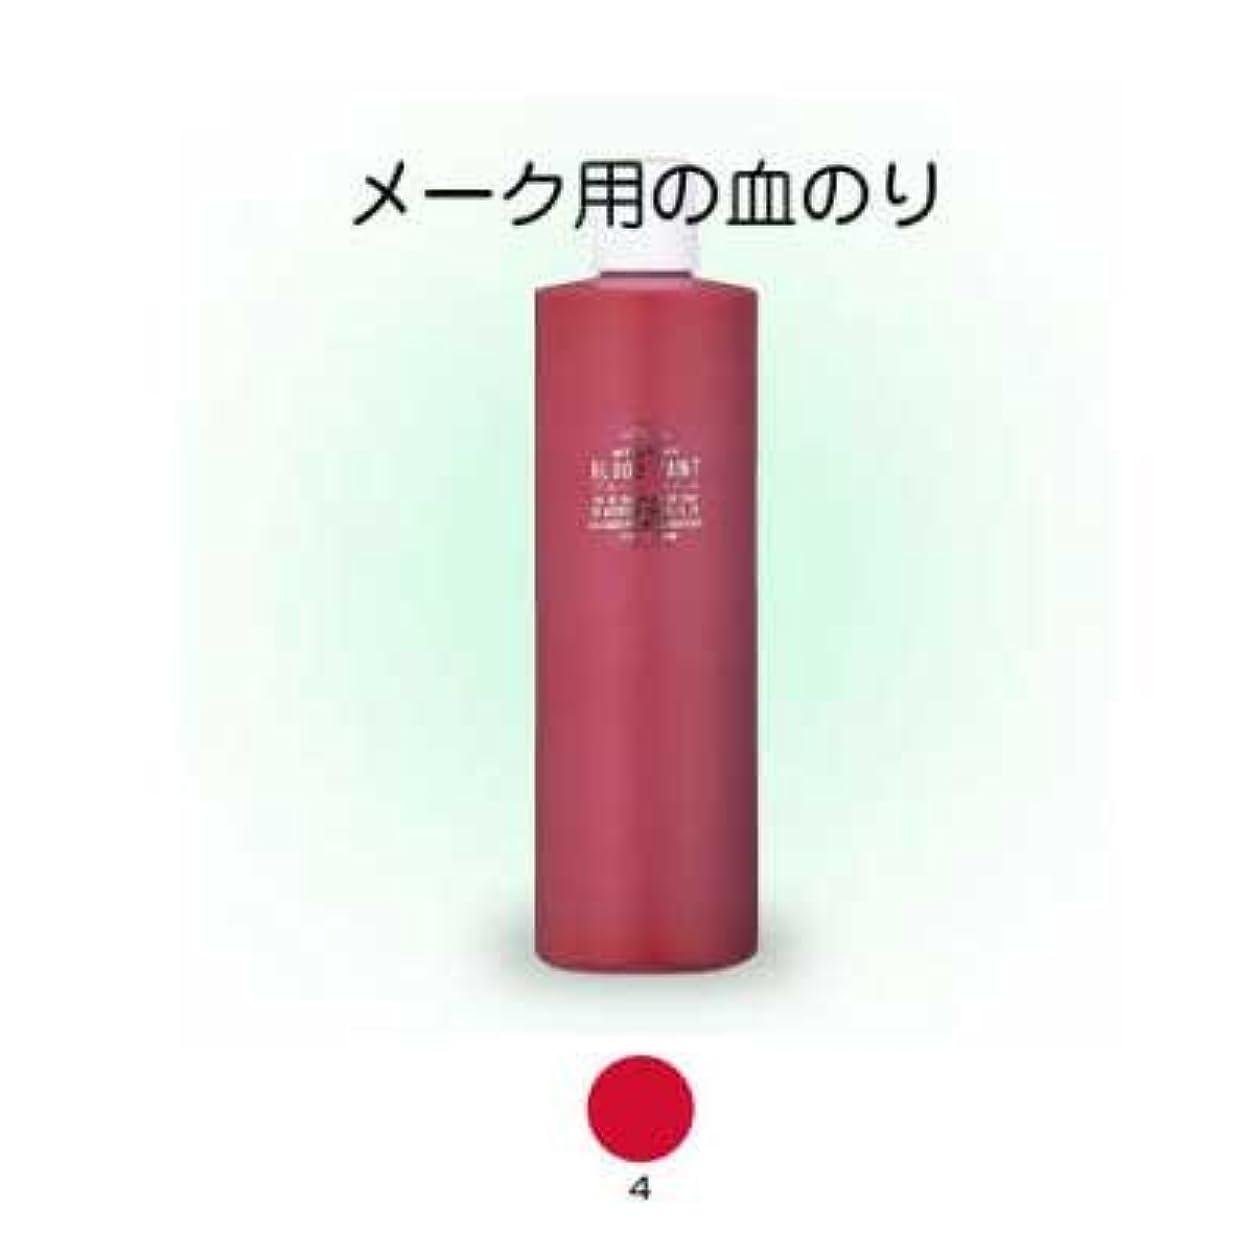 ステッチミケランジェロ重要ブロードペイント(メークアップ用の血のり)500ml 4【三善】